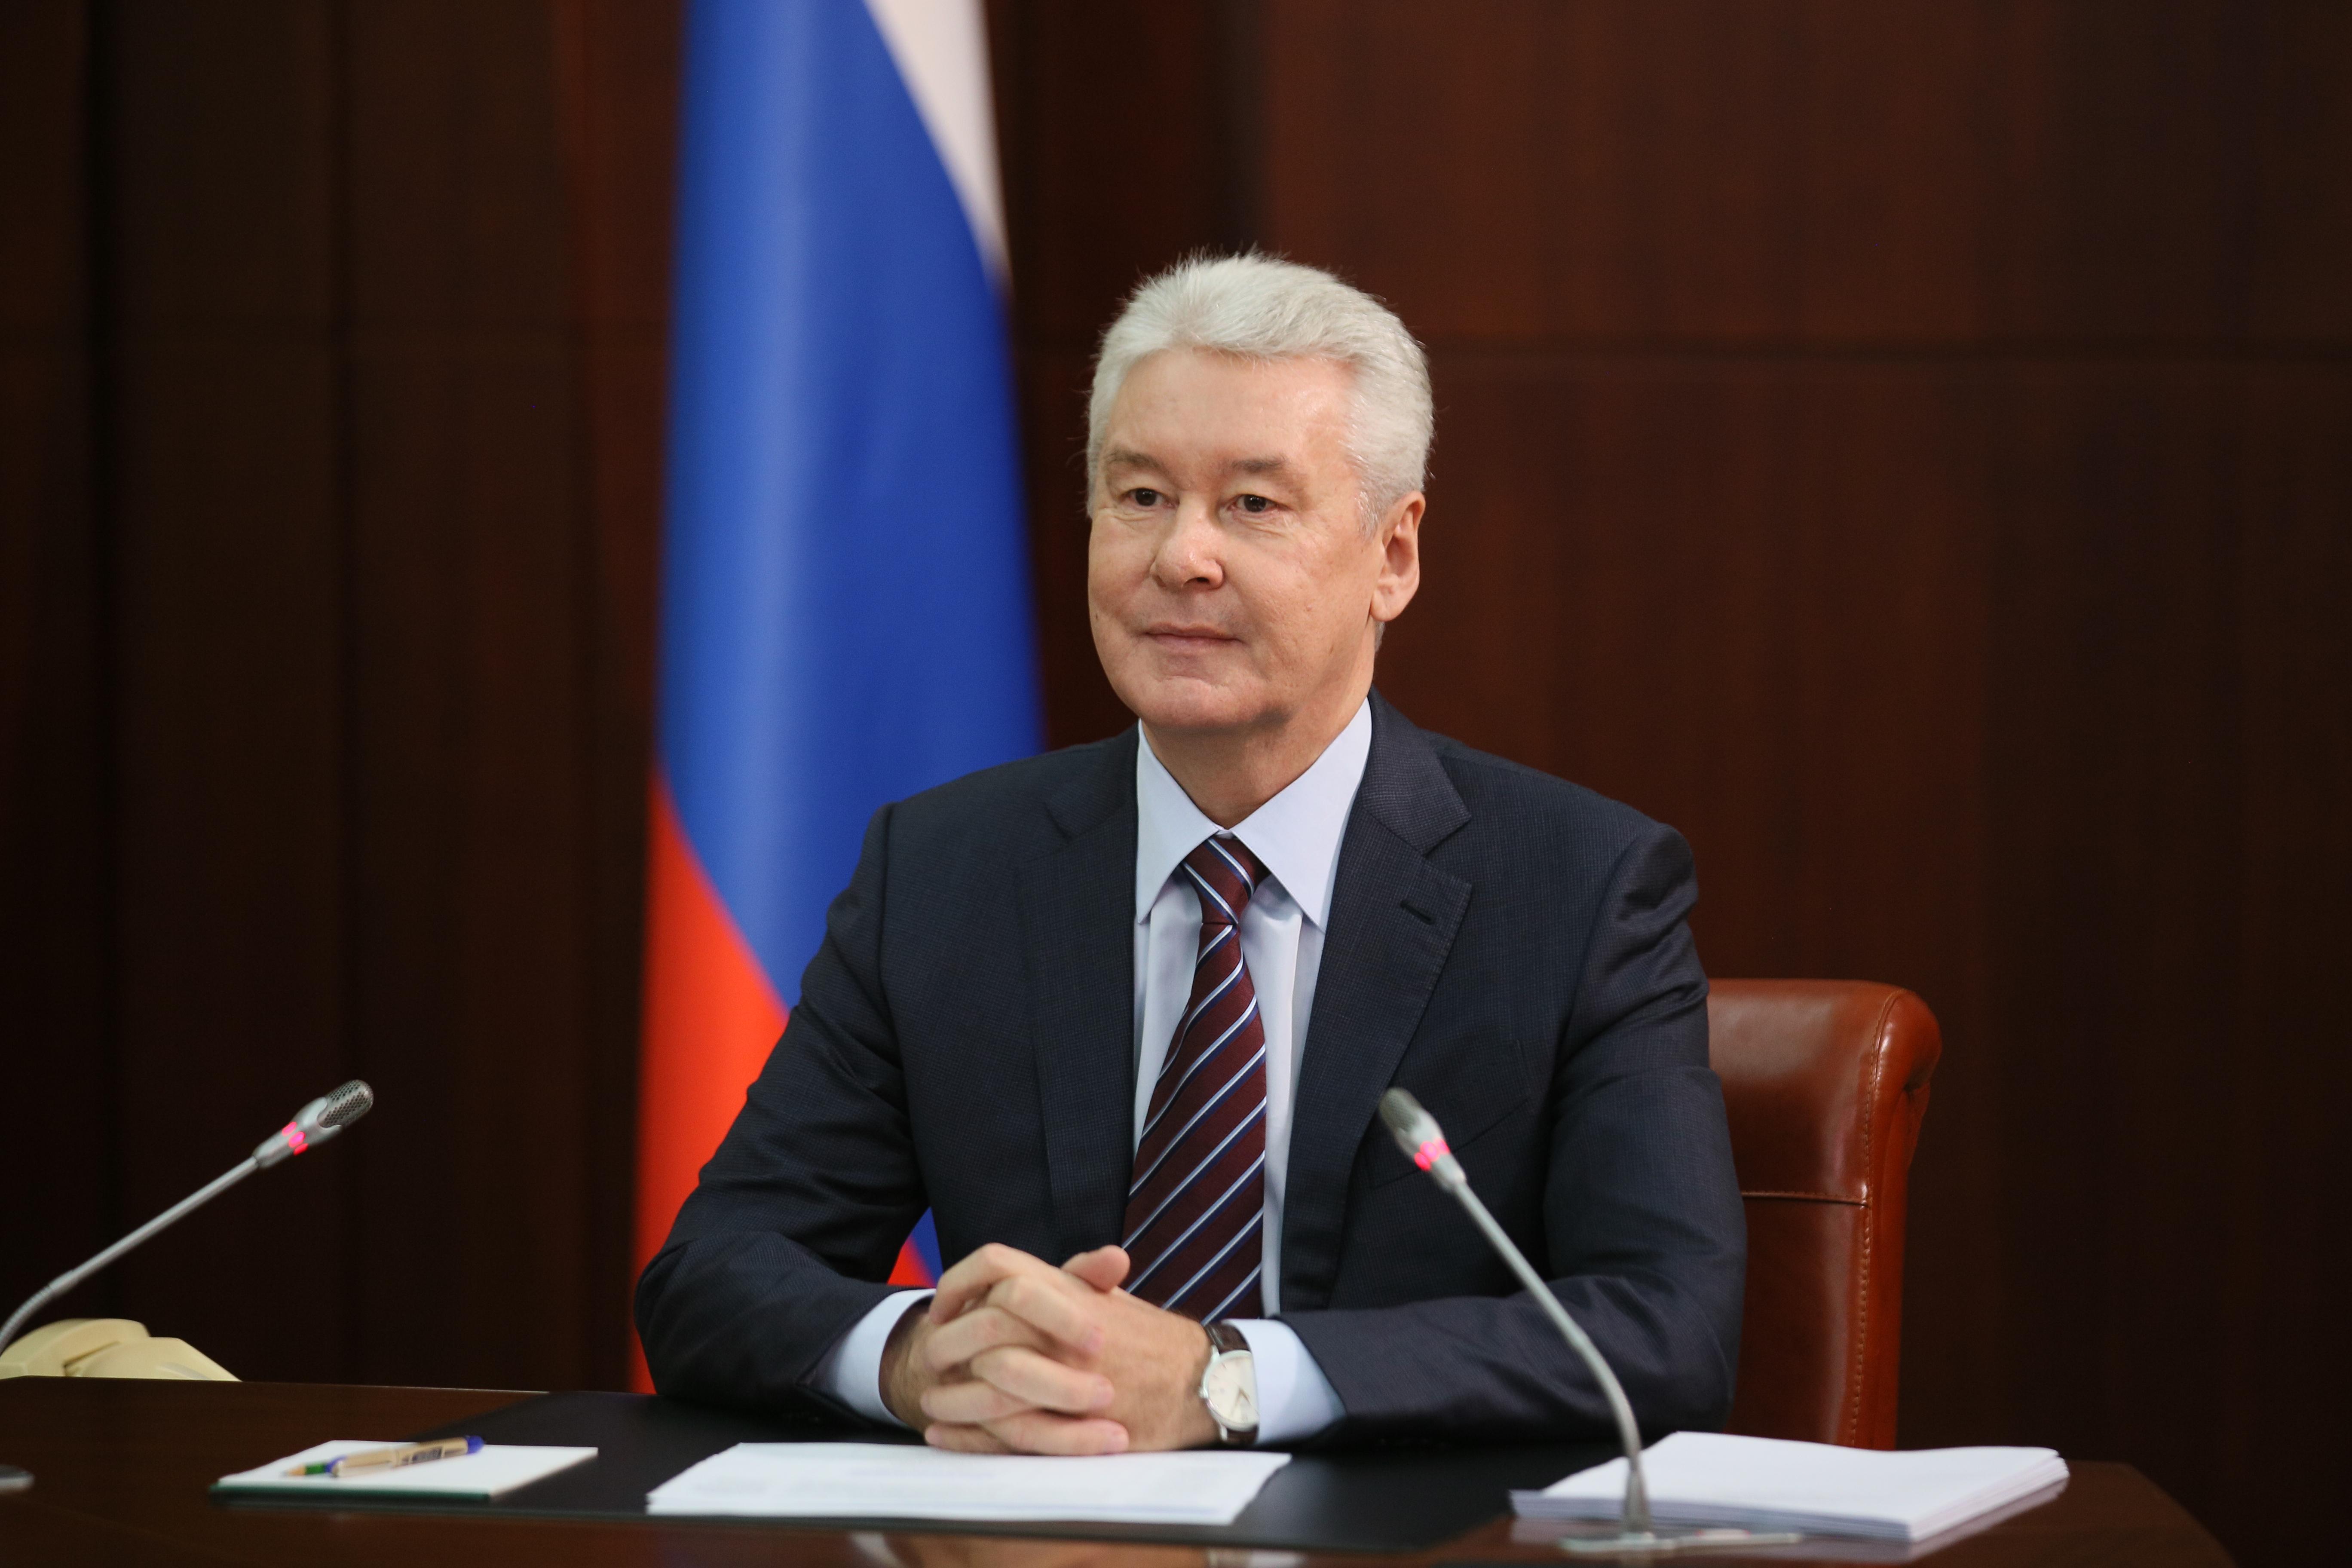 Сергей Собянин рассказал москвичам о праздничных мероприятиях в столице